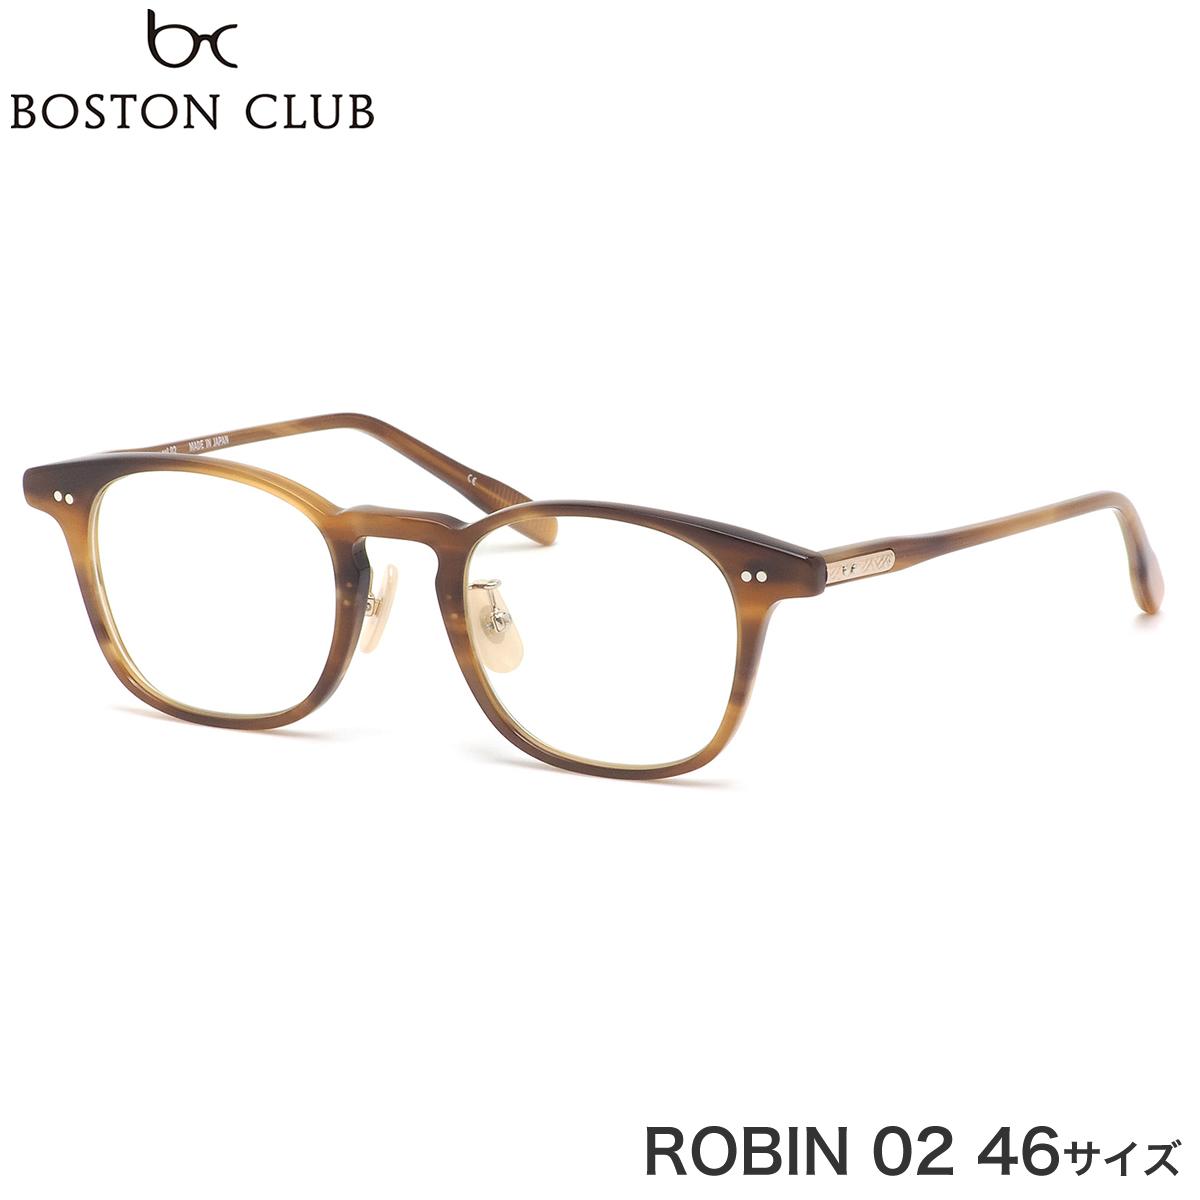 ボストンクラブ BOSTON CLUB メガネ 伊達メガネセット ROBIN 02 46サイズ ロビン キーホールブリッジ メイドインジャパン made in japan 鯖江 ボストンクラブBOSTONCLUB メンズ レディース